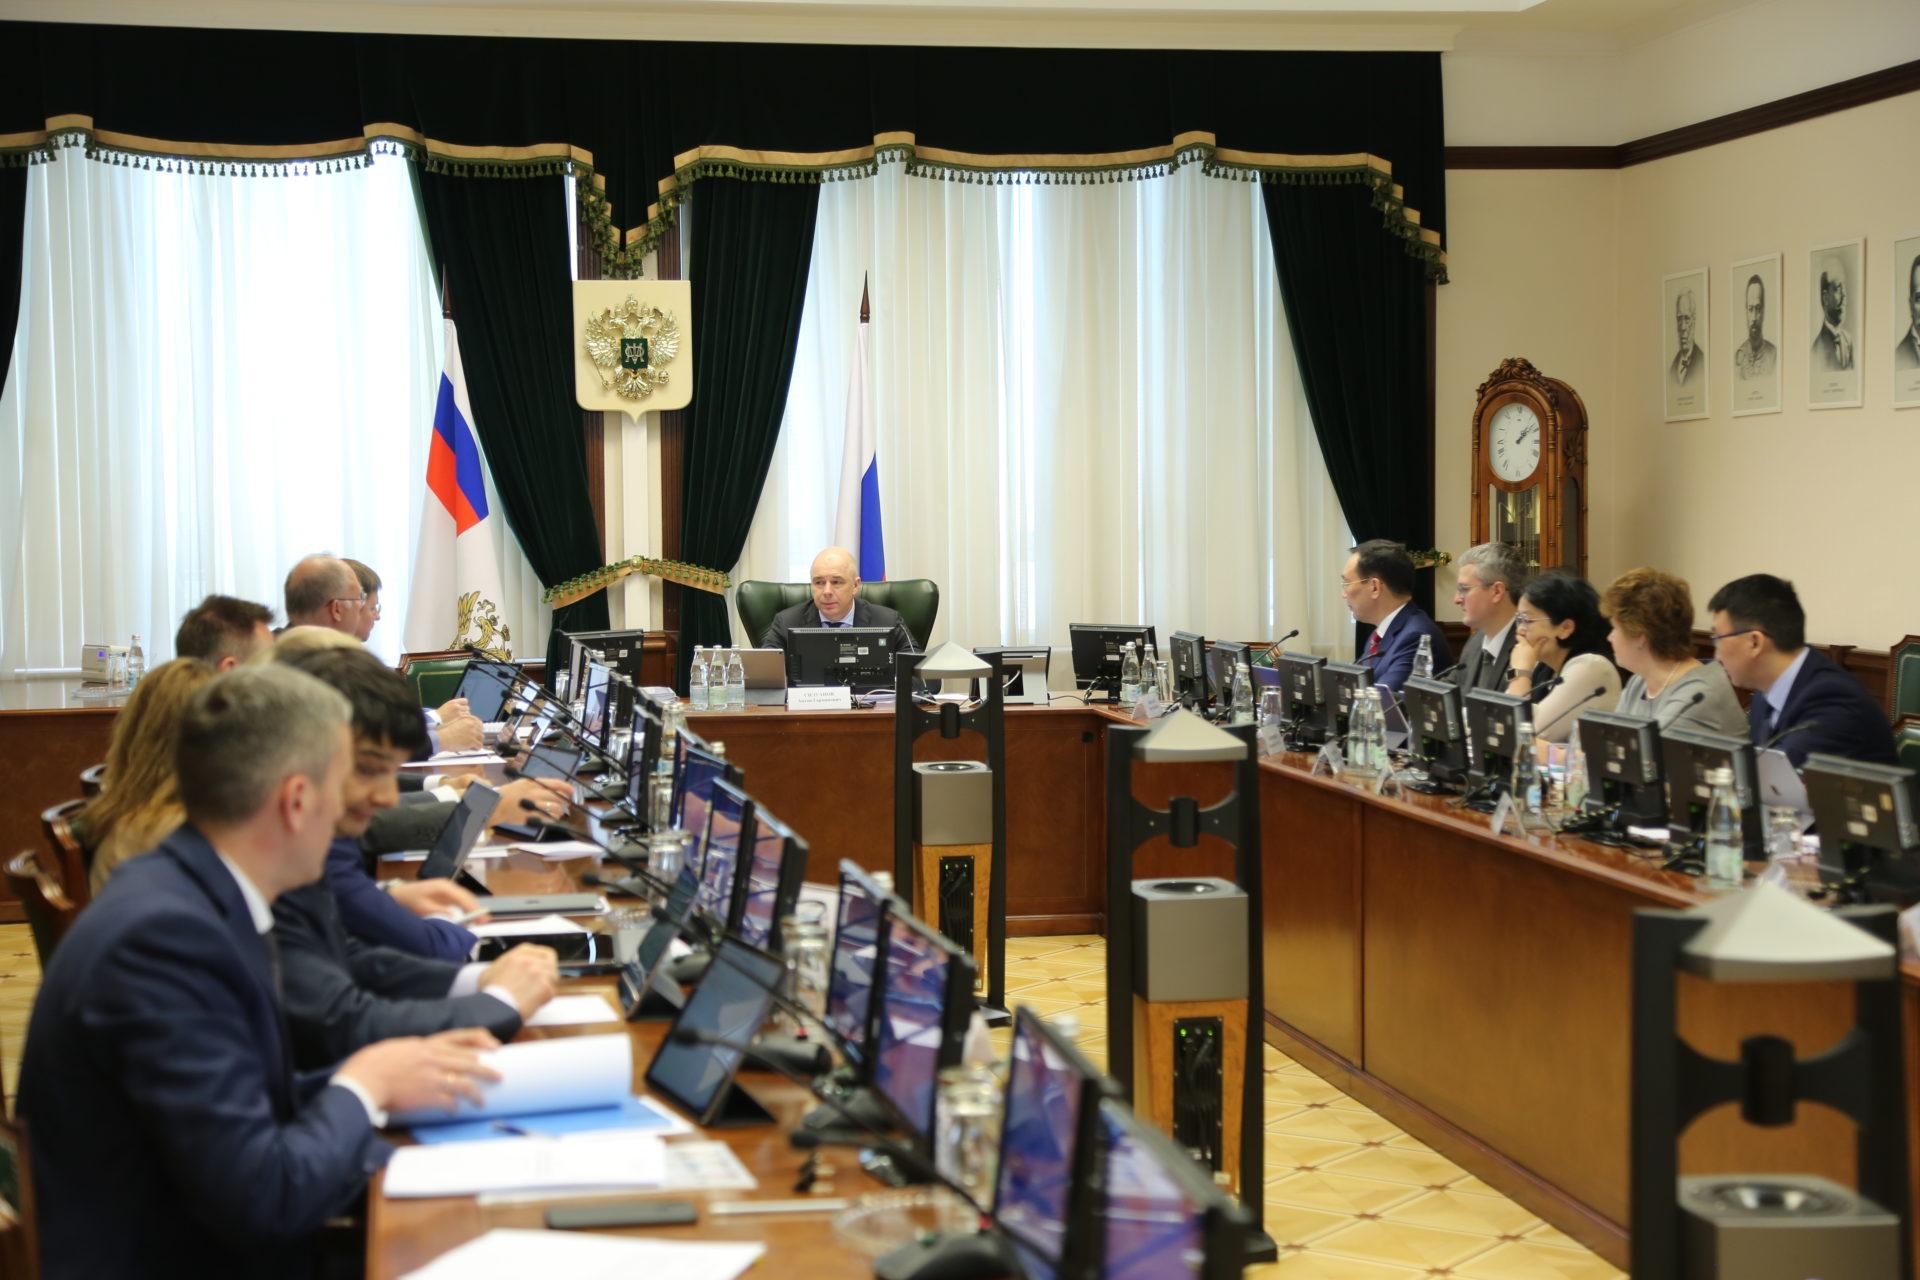 Айсен Николаев принял участие в заседании Наблюдательного совета АК «АЛРОСА» в Москве